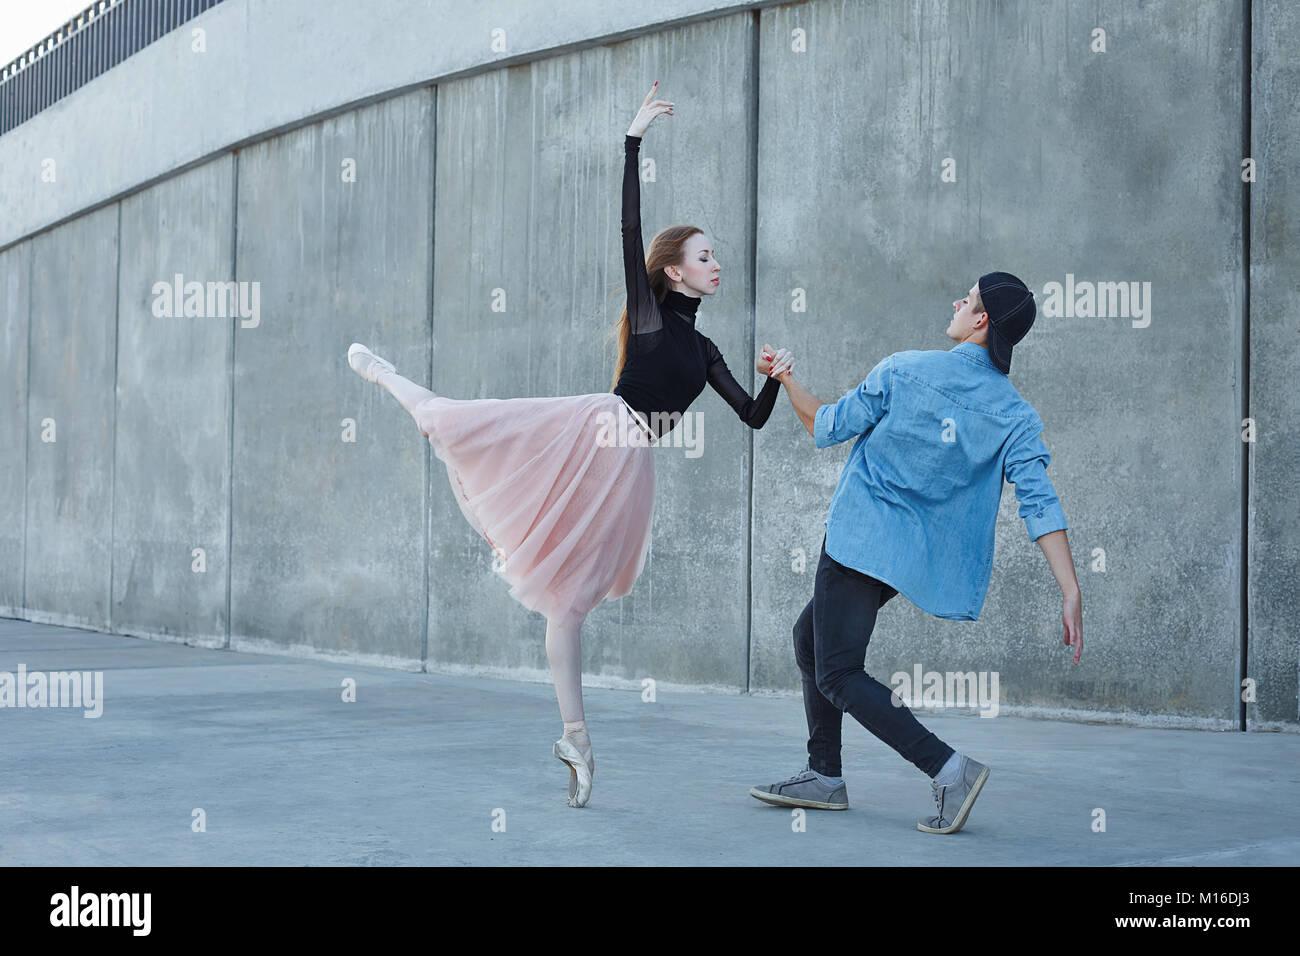 Snella ballerina danze con un ballerino di danza moderna. Data di amanti. Prestazioni per le strade della città. Immagini Stock